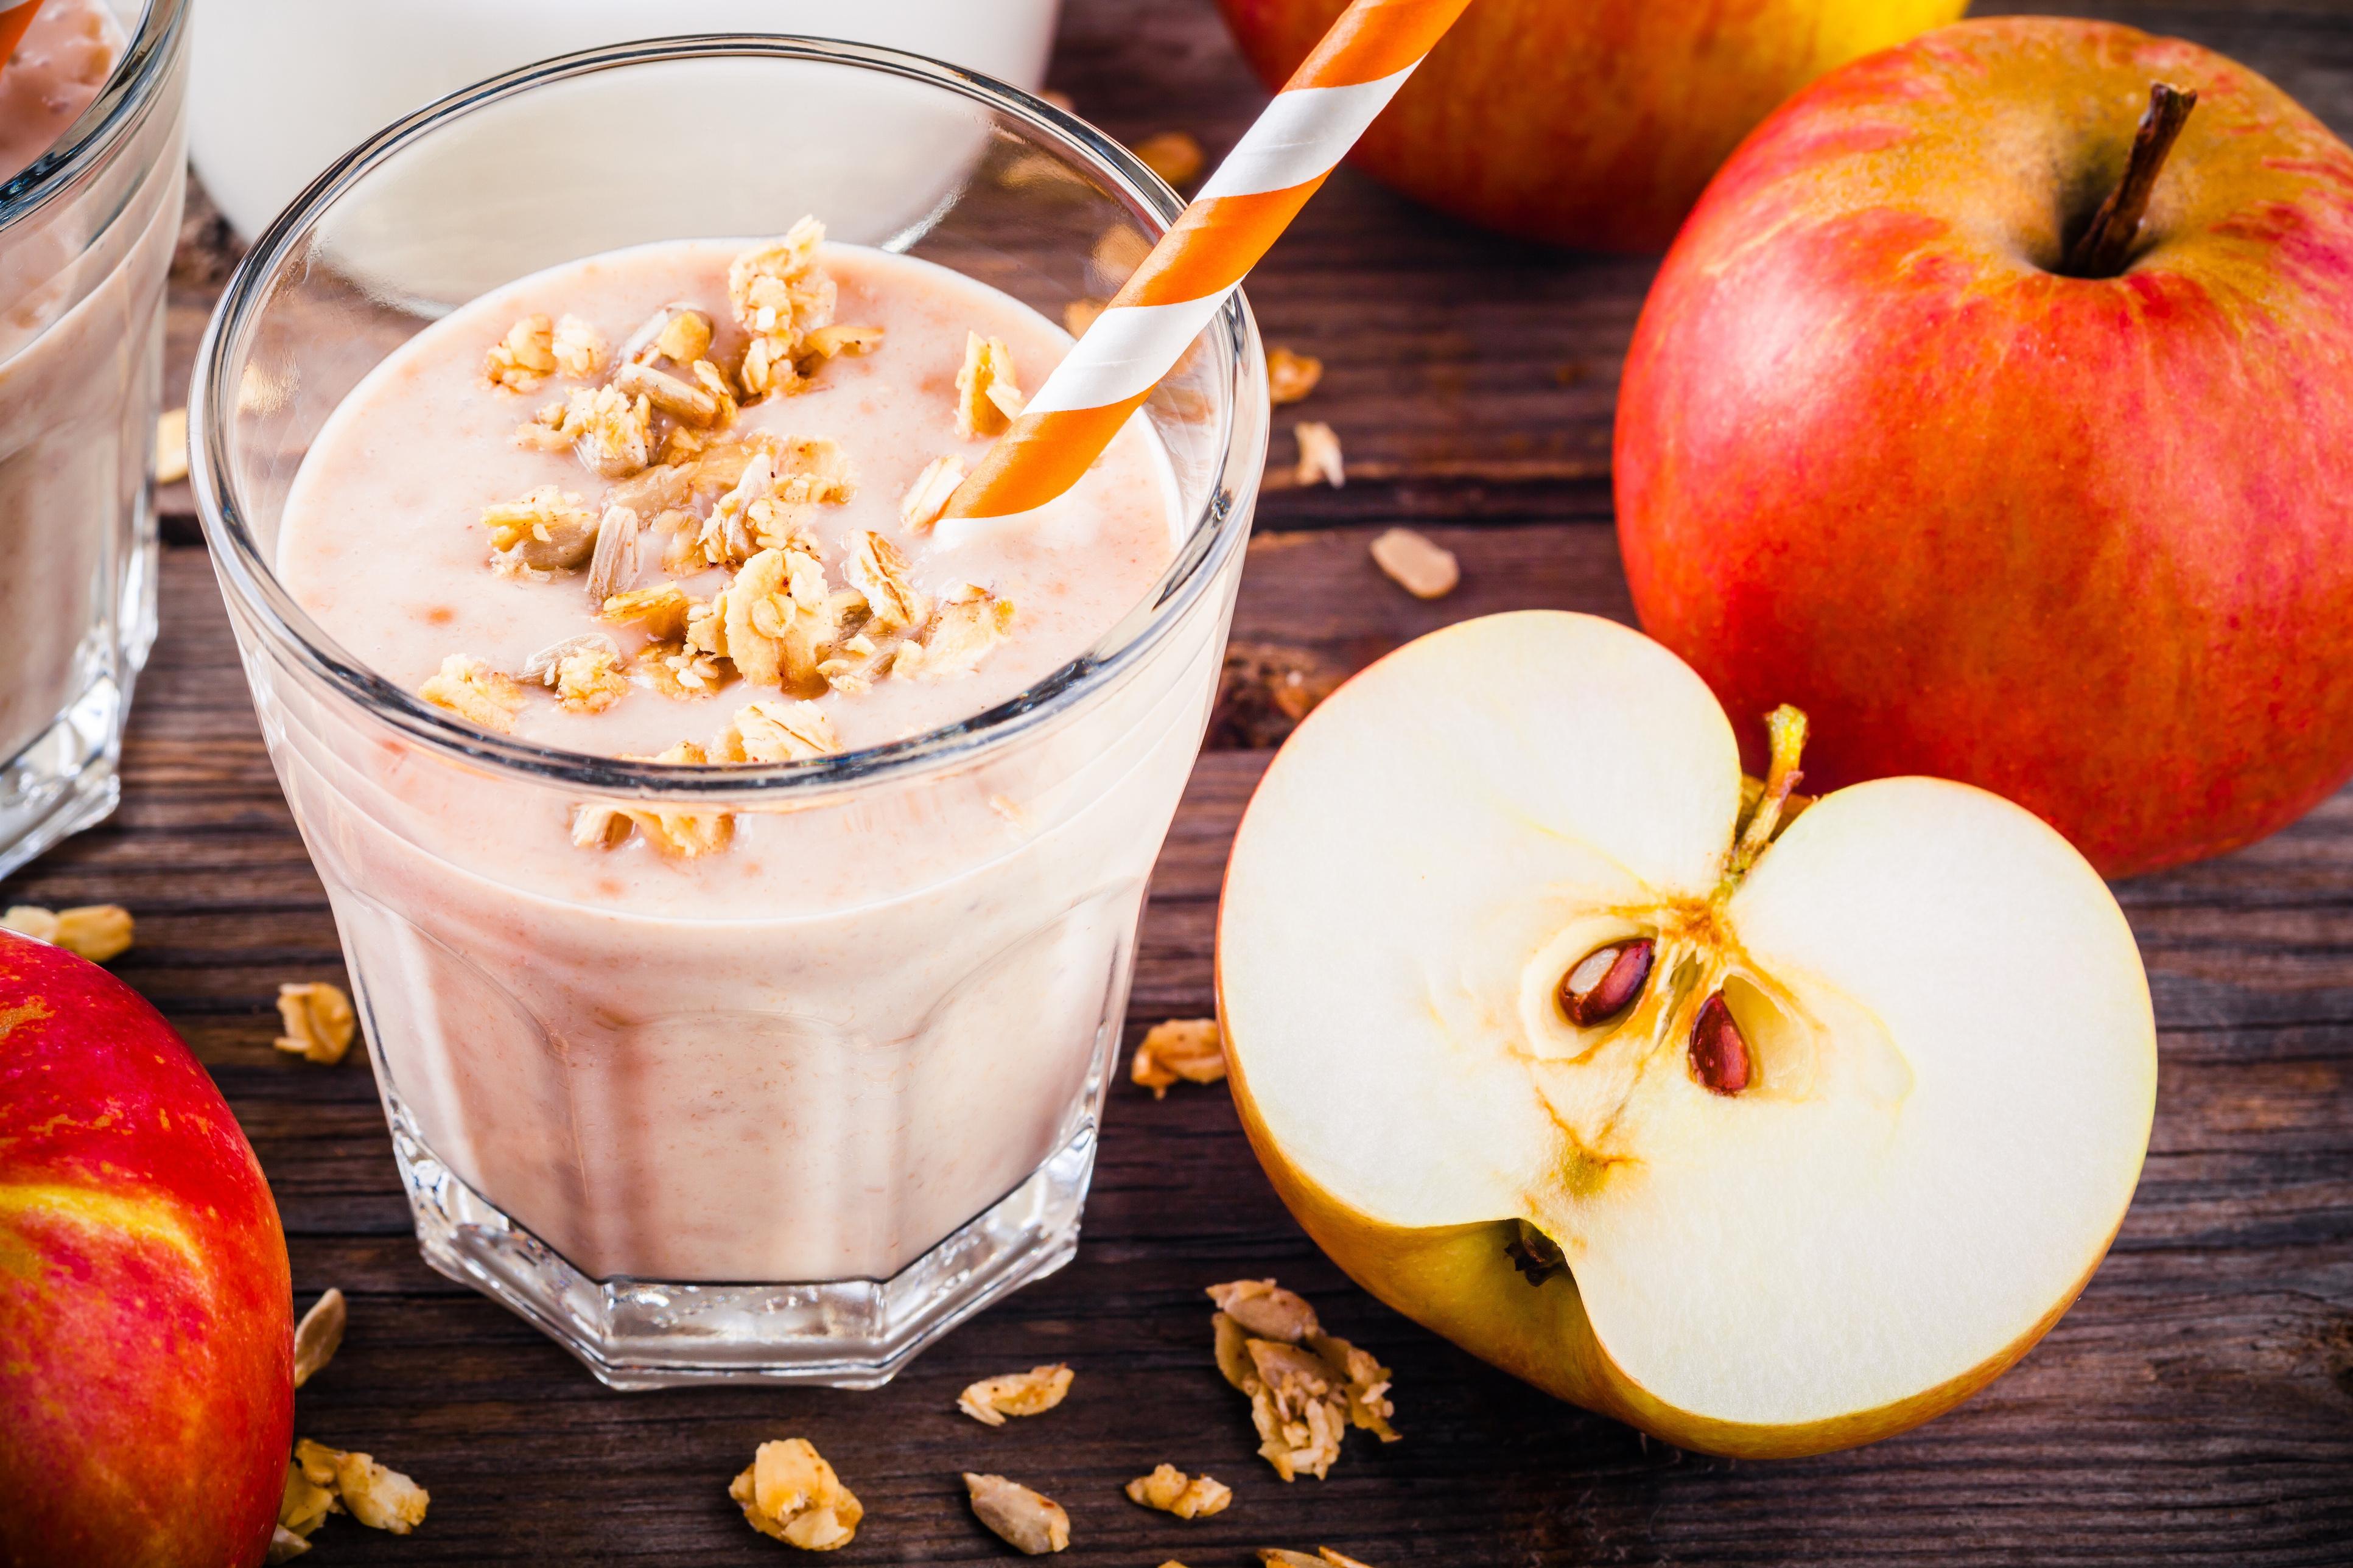 diétás turmix receptek hogyan lehet lefogyni, ha elhízott vagyok